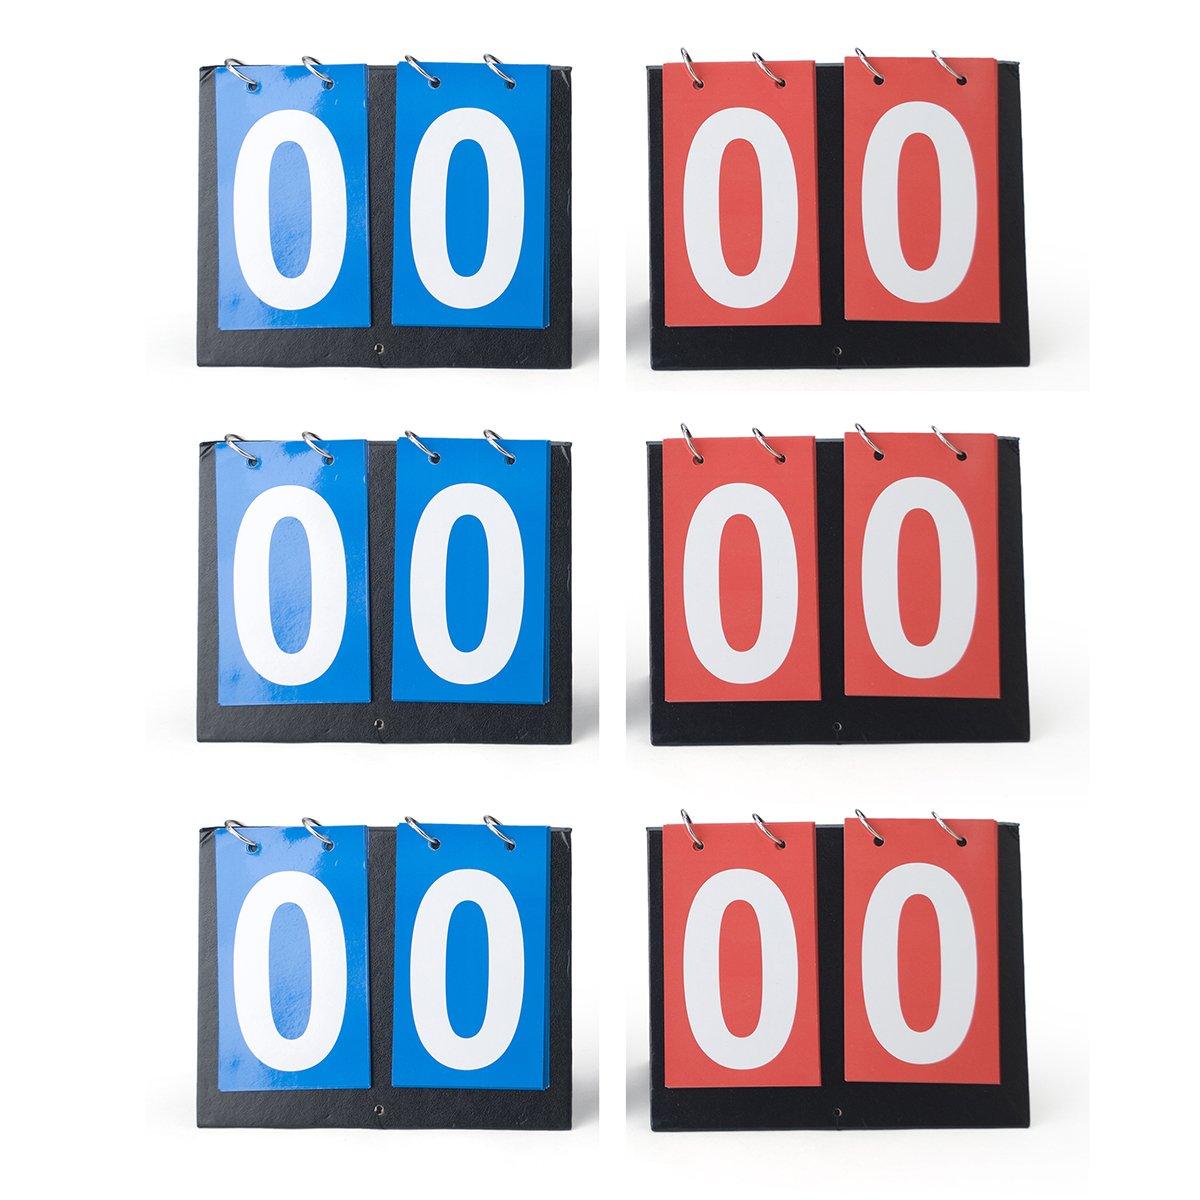 GOGO Set of 6 2-Digital Desktop Sports Scoreboards/Scorekeepers